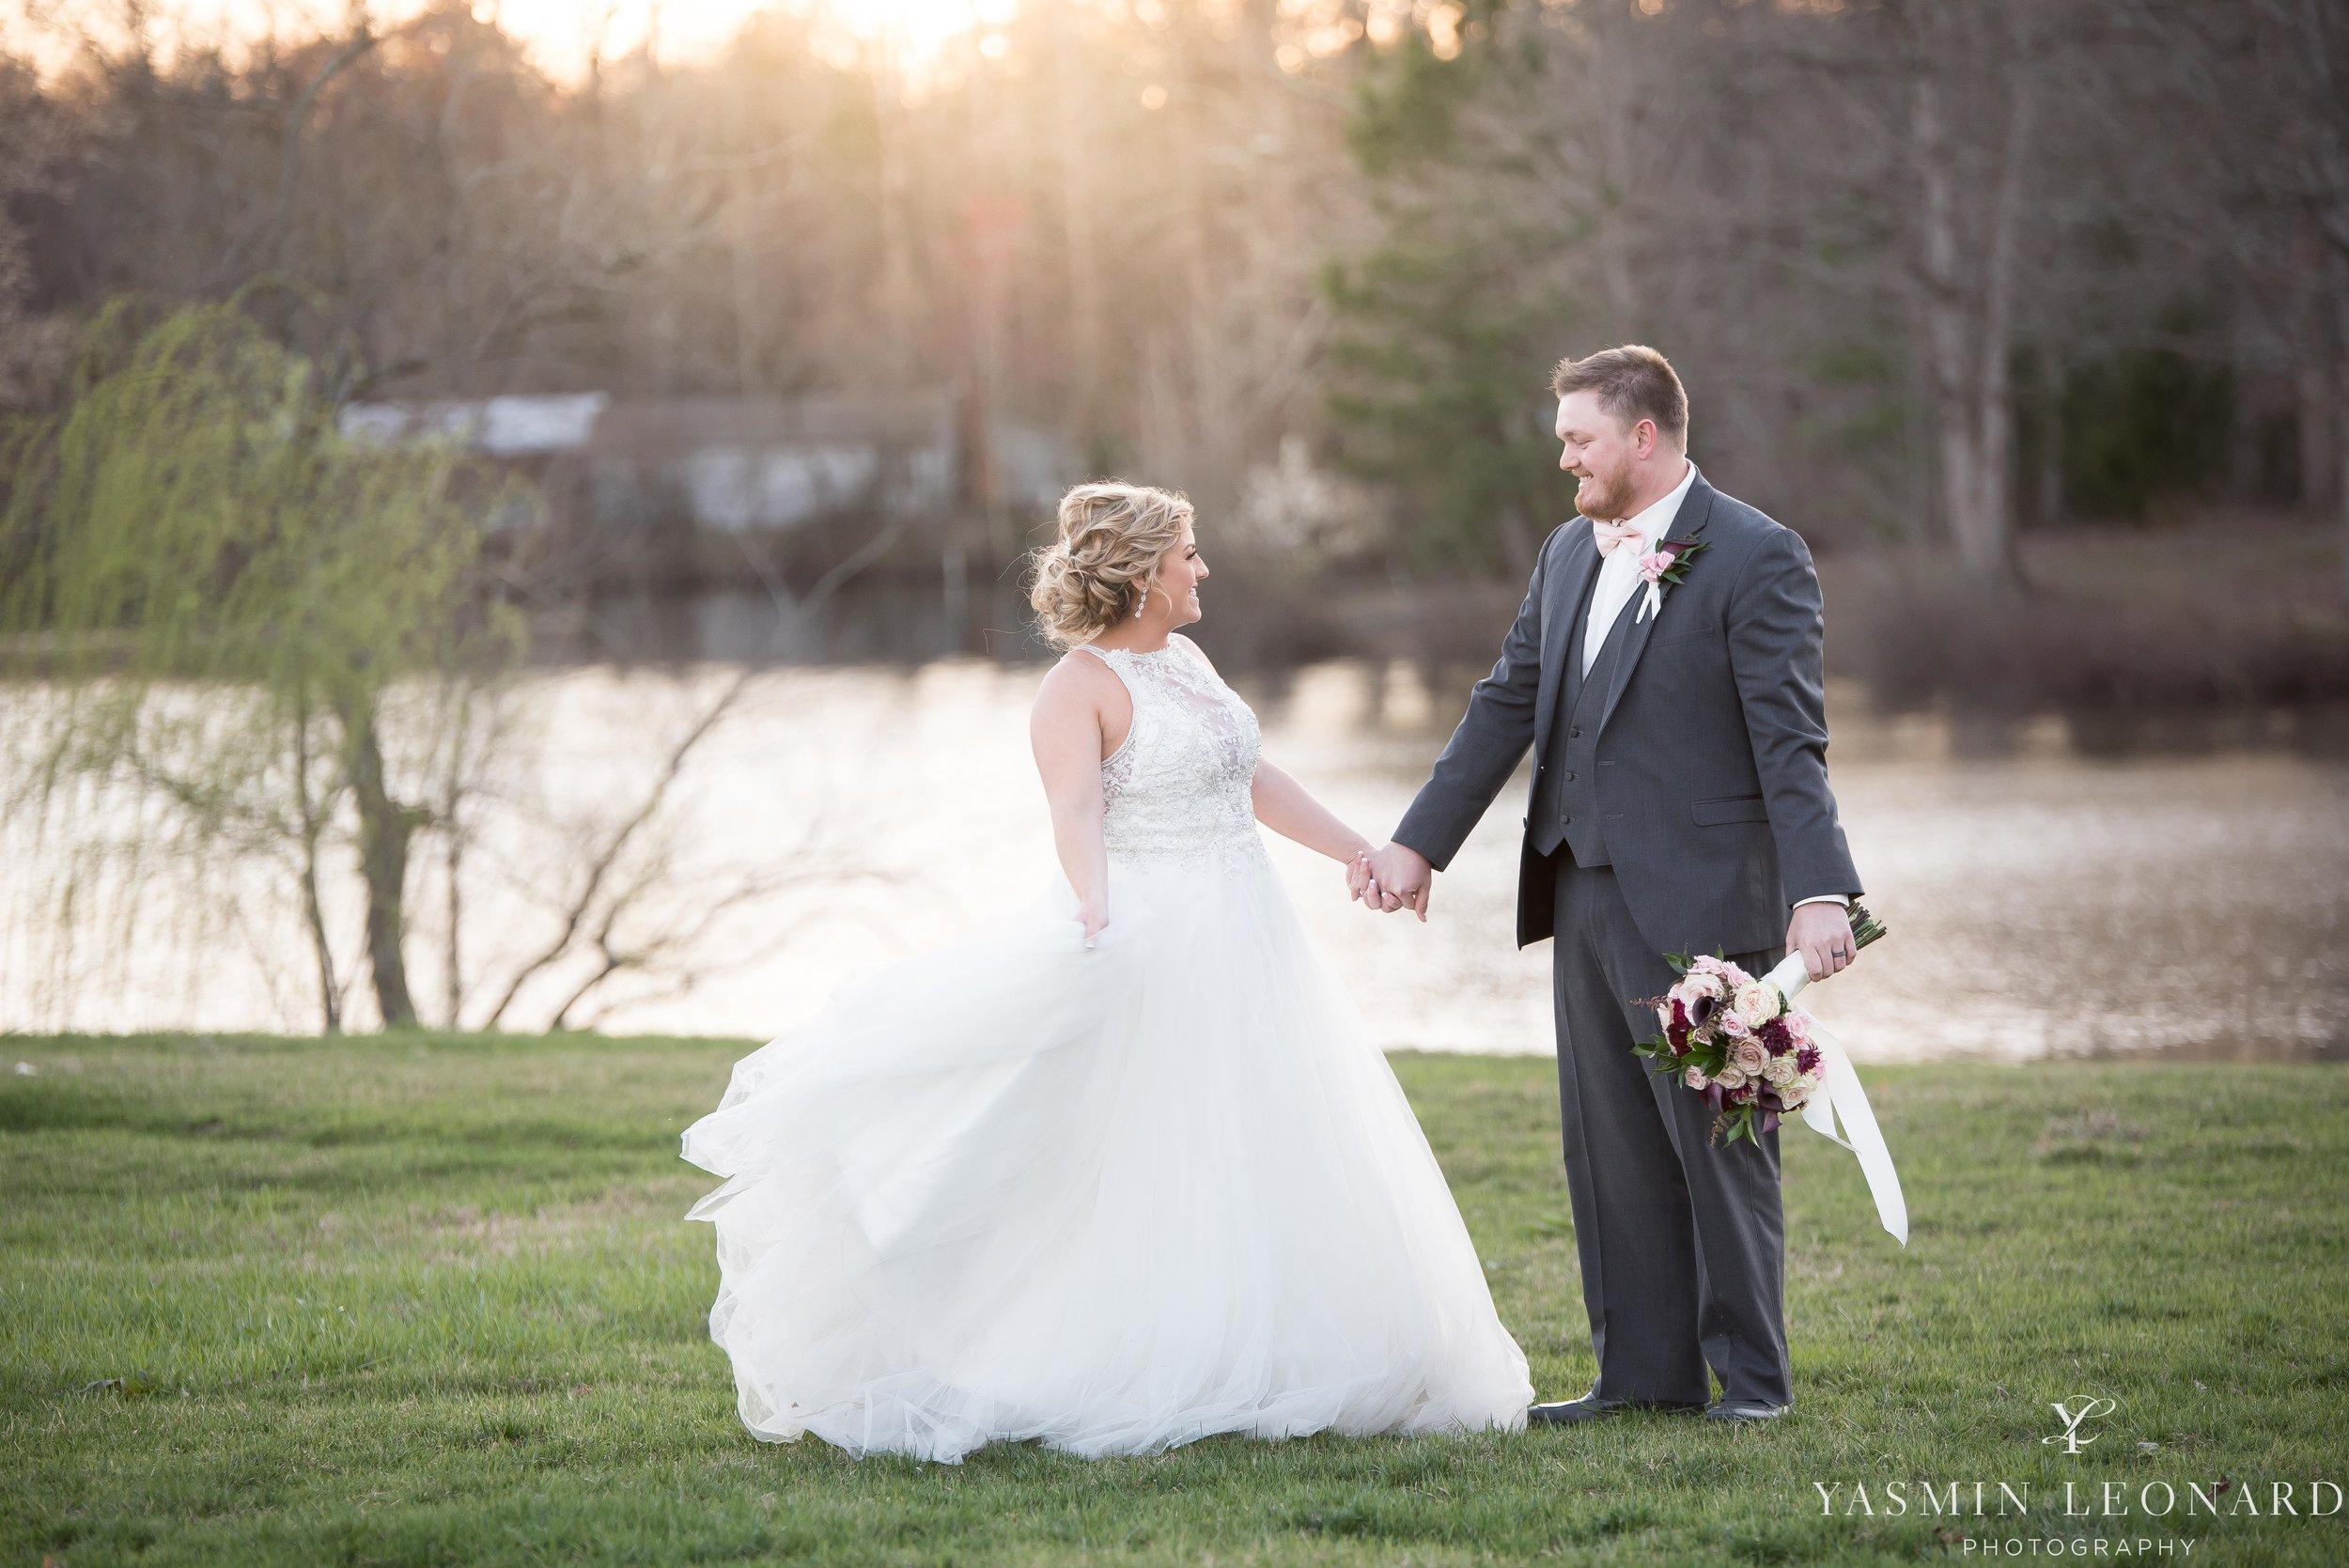 Millikan Farms - Millikan Farms Wedding - Sophia NC Wedding - NC Wedding - NC Wedding Photographer - Yasmin Leonard Photography - High Point Photographer - Barn Wedding - Wedding Venues in NC - Triad Wedding Photographer-66.jpg